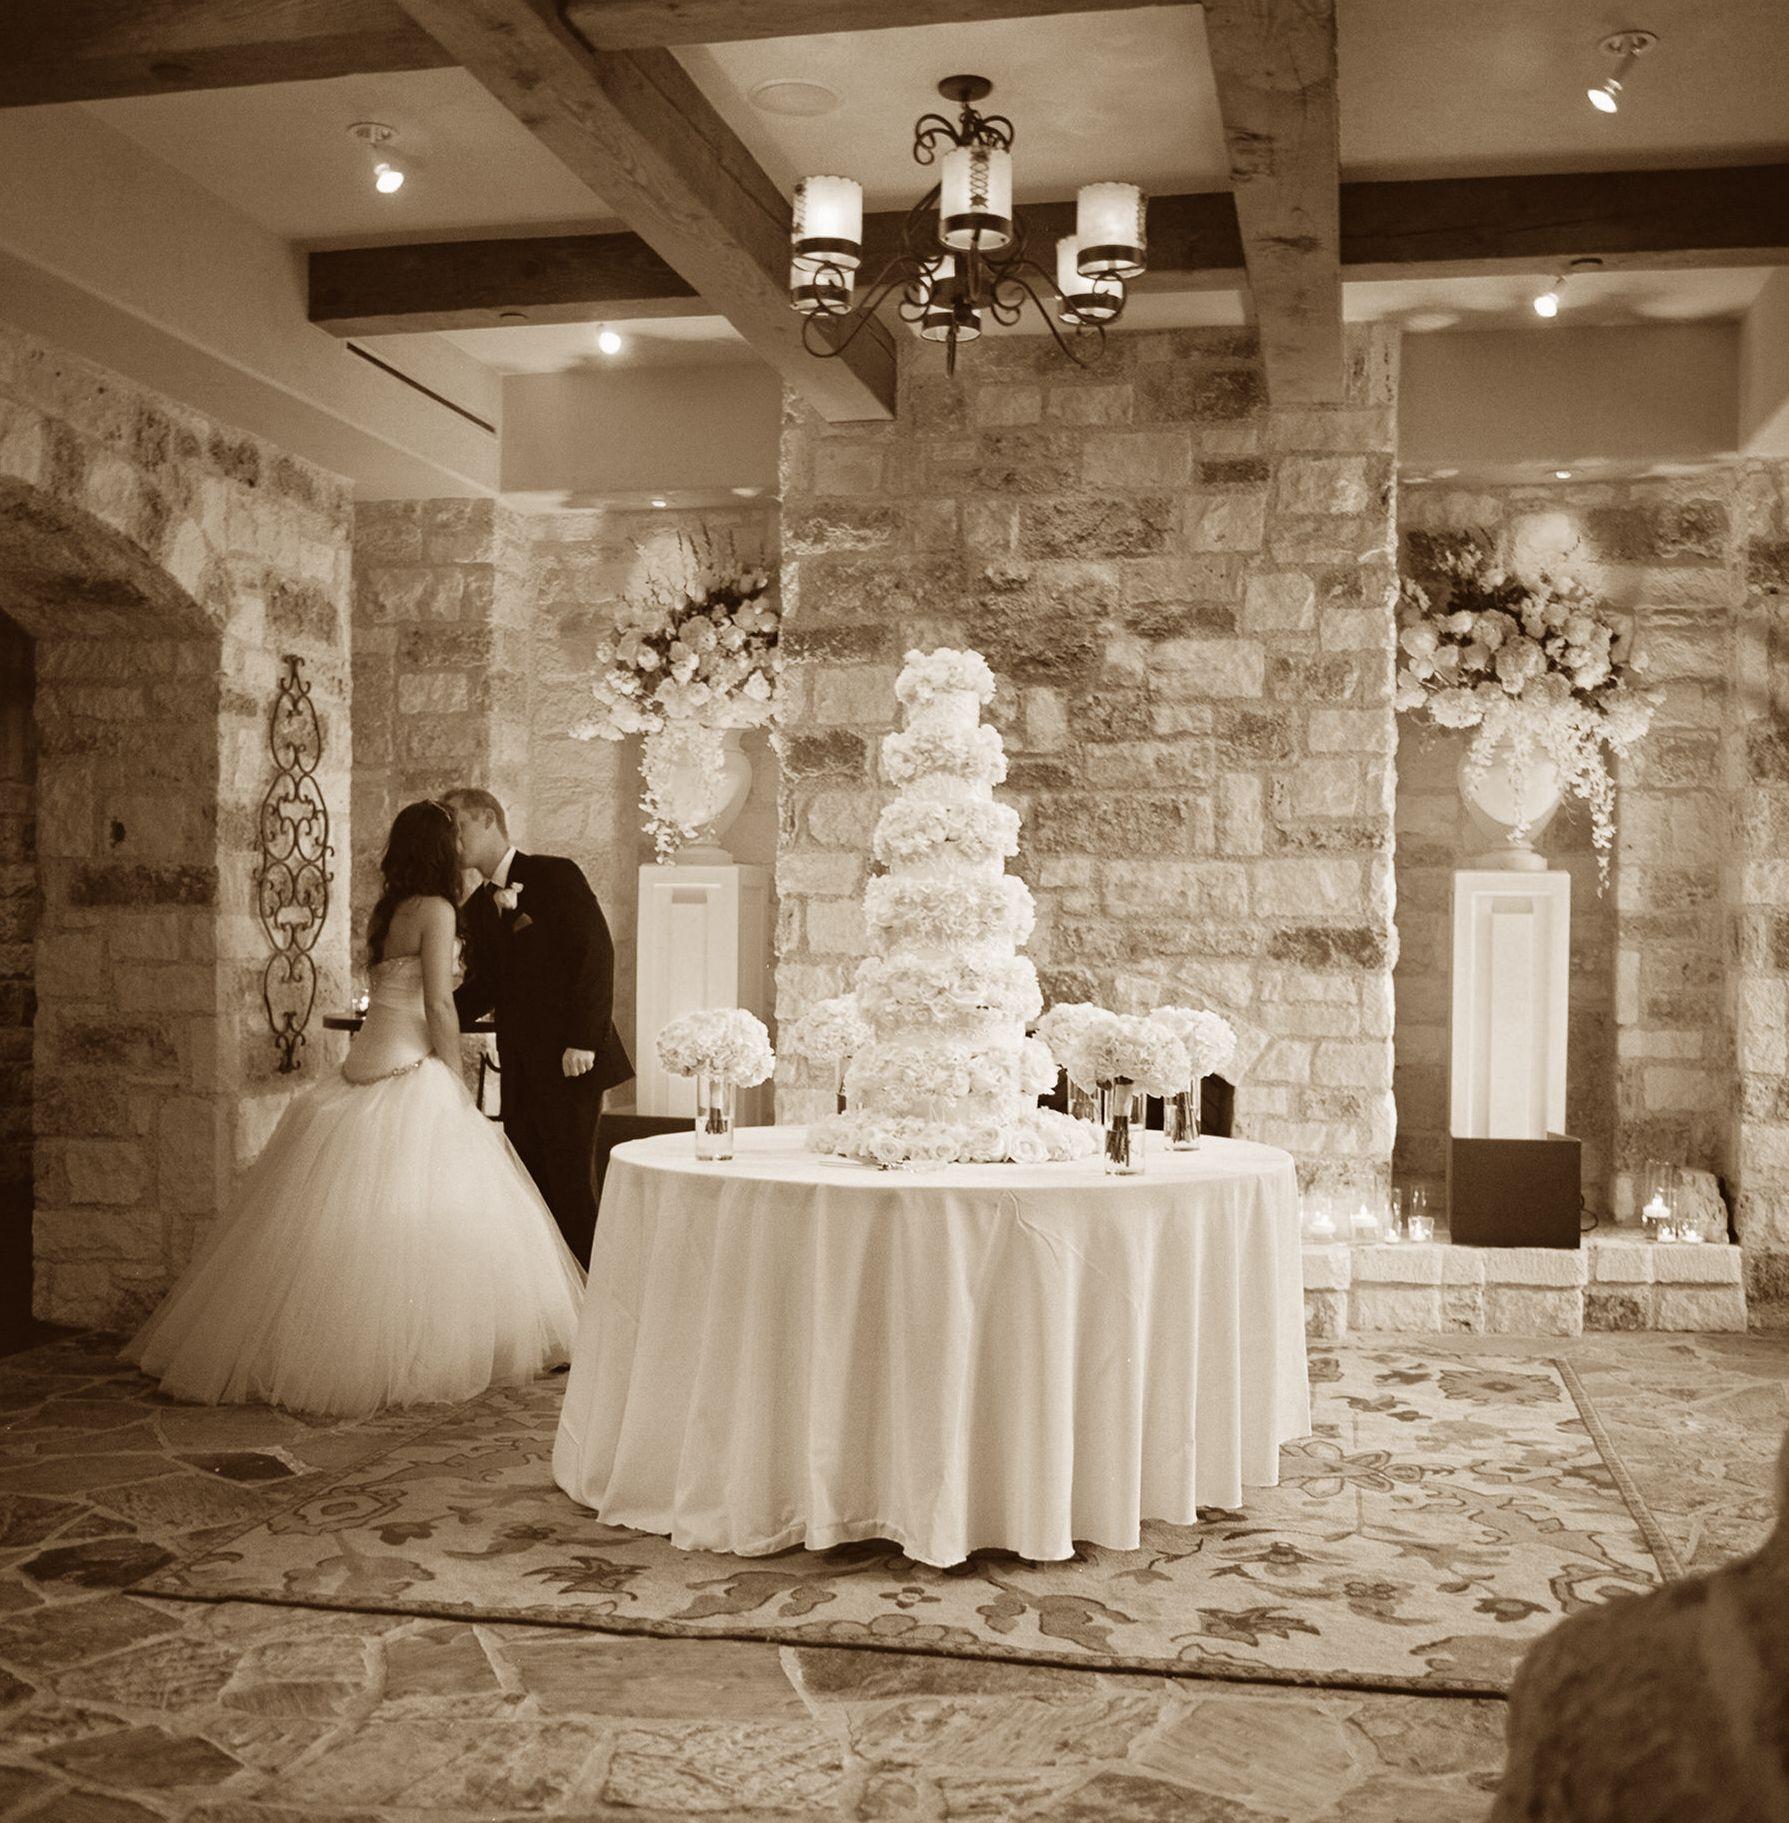 #Wedding at @Cordillera Ranch Boerne, Texas Boerne, Texas Boerne, Texas! Photography by J Wilkinson Co. www.jwilkinsonco.com #photography #film #wedding #cordilleraranch